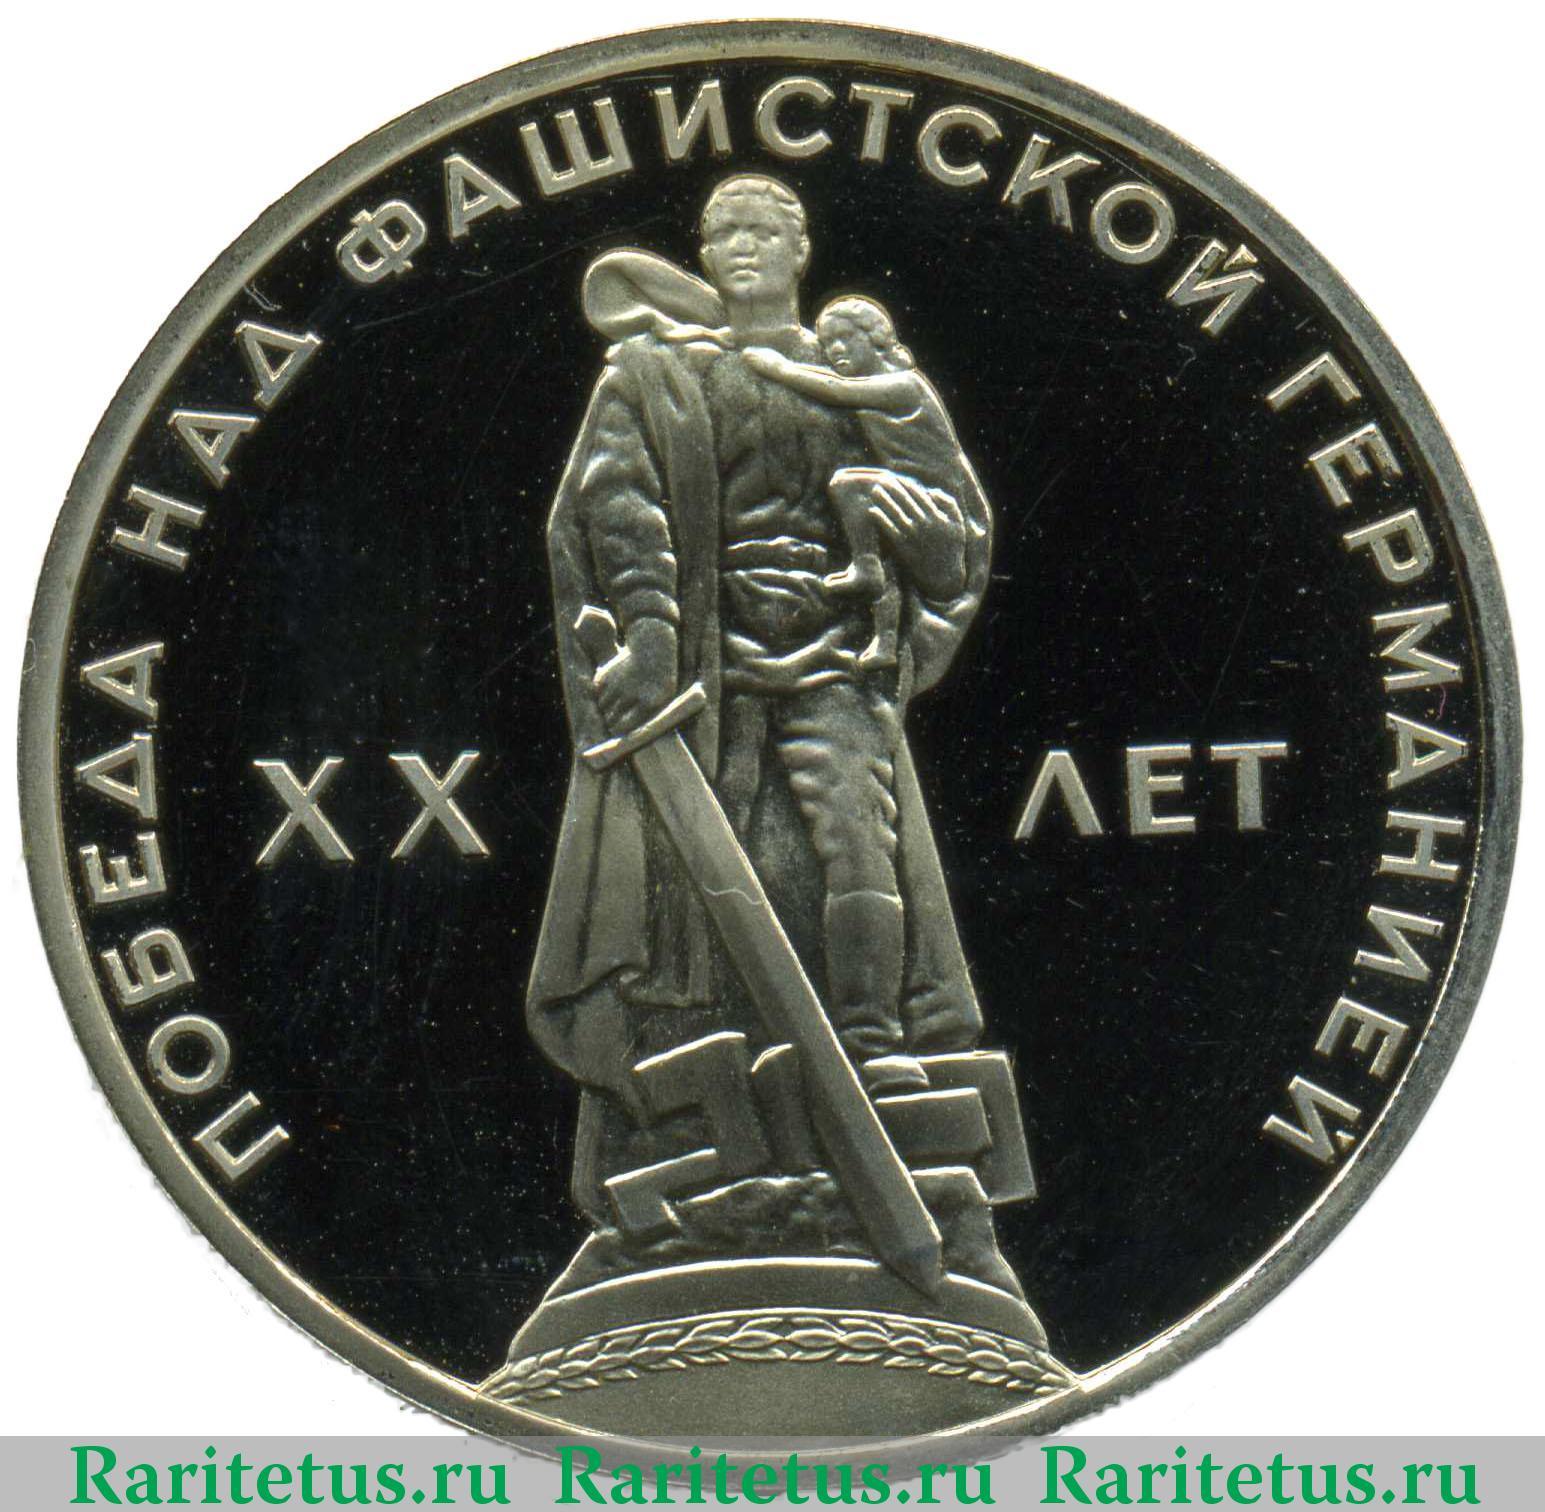 Монеты фашистской германии стоимость каталог цены 1 копейка 1992 года м цена стоимость монеты